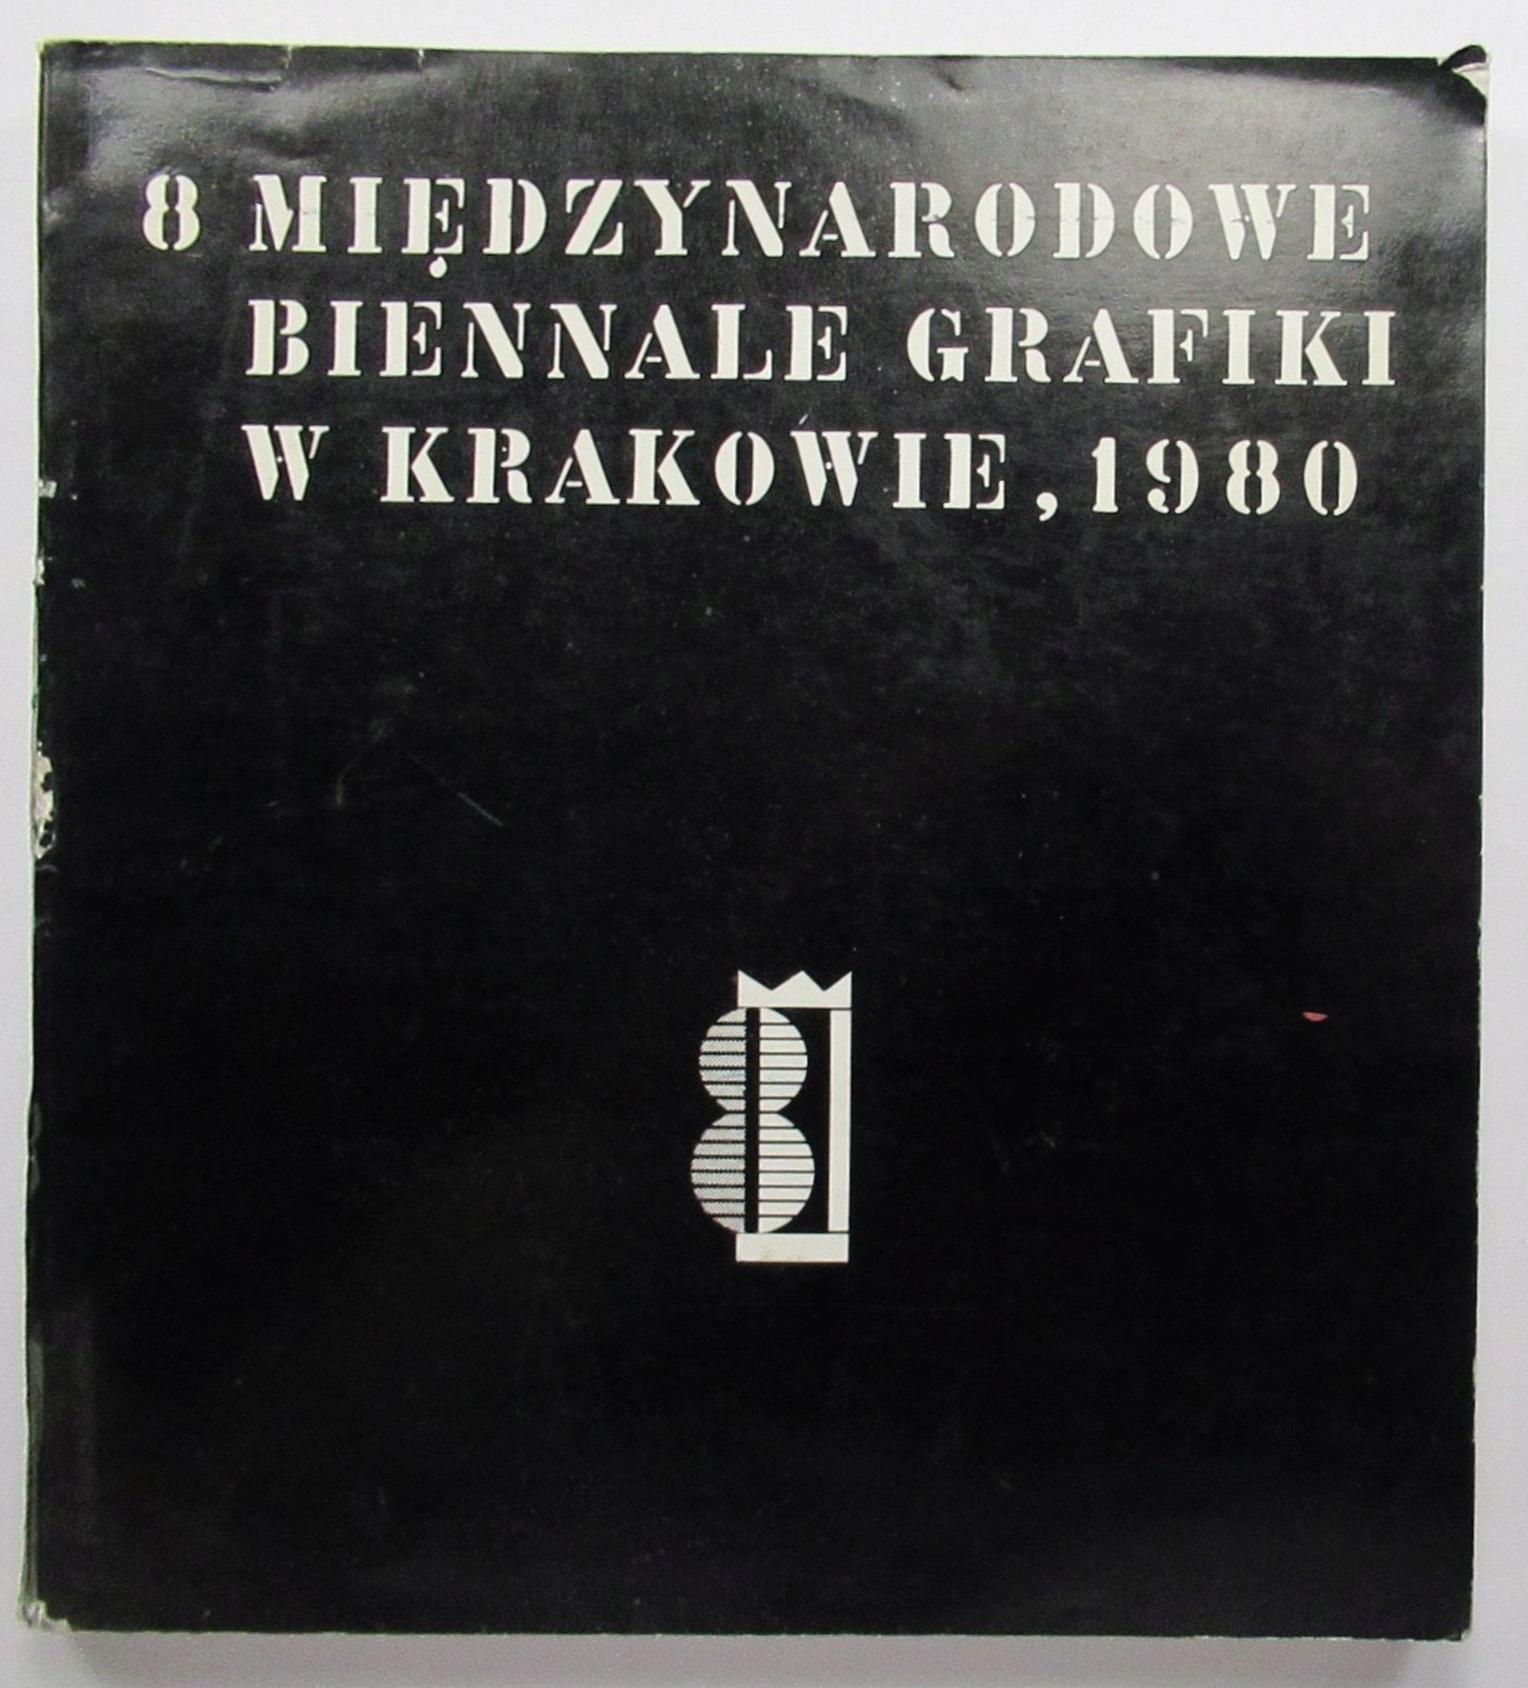 Каталог выставки 8 ГРАФИЧЕСКАЯ БИЕННАЛЕ В КРАКОВЕ 1980